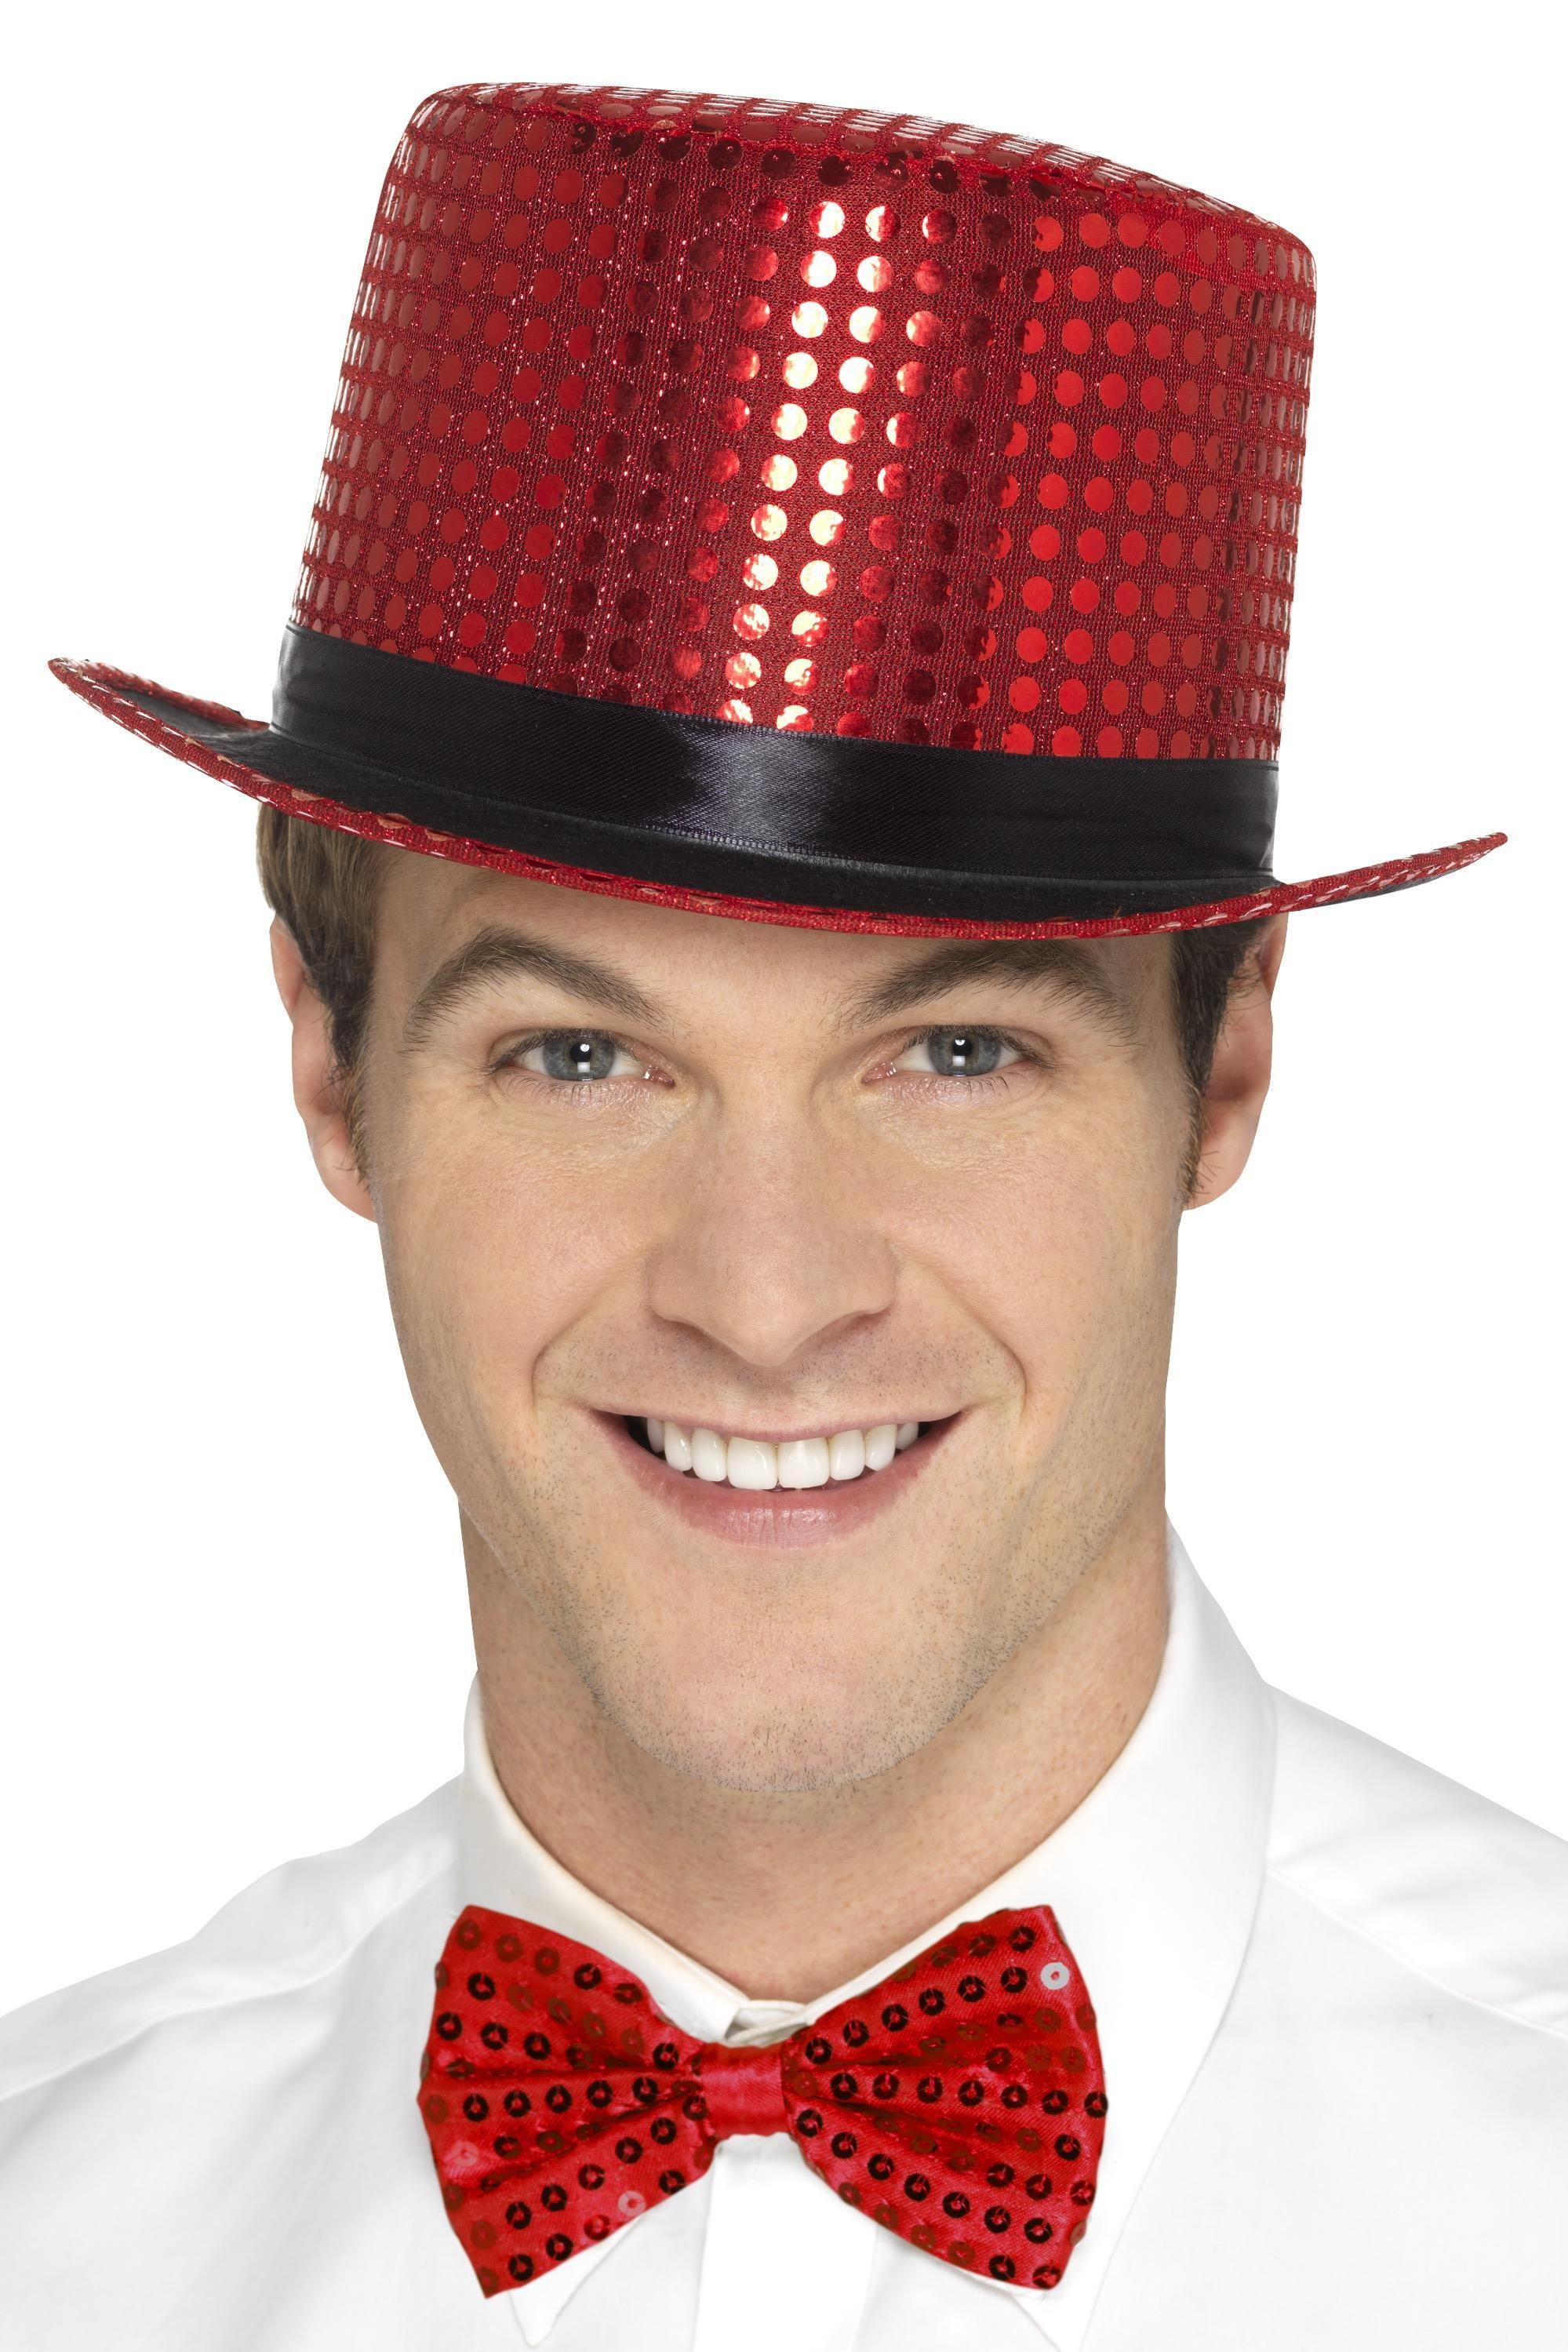 47e87804b9e71 Sequin Top Hat Red